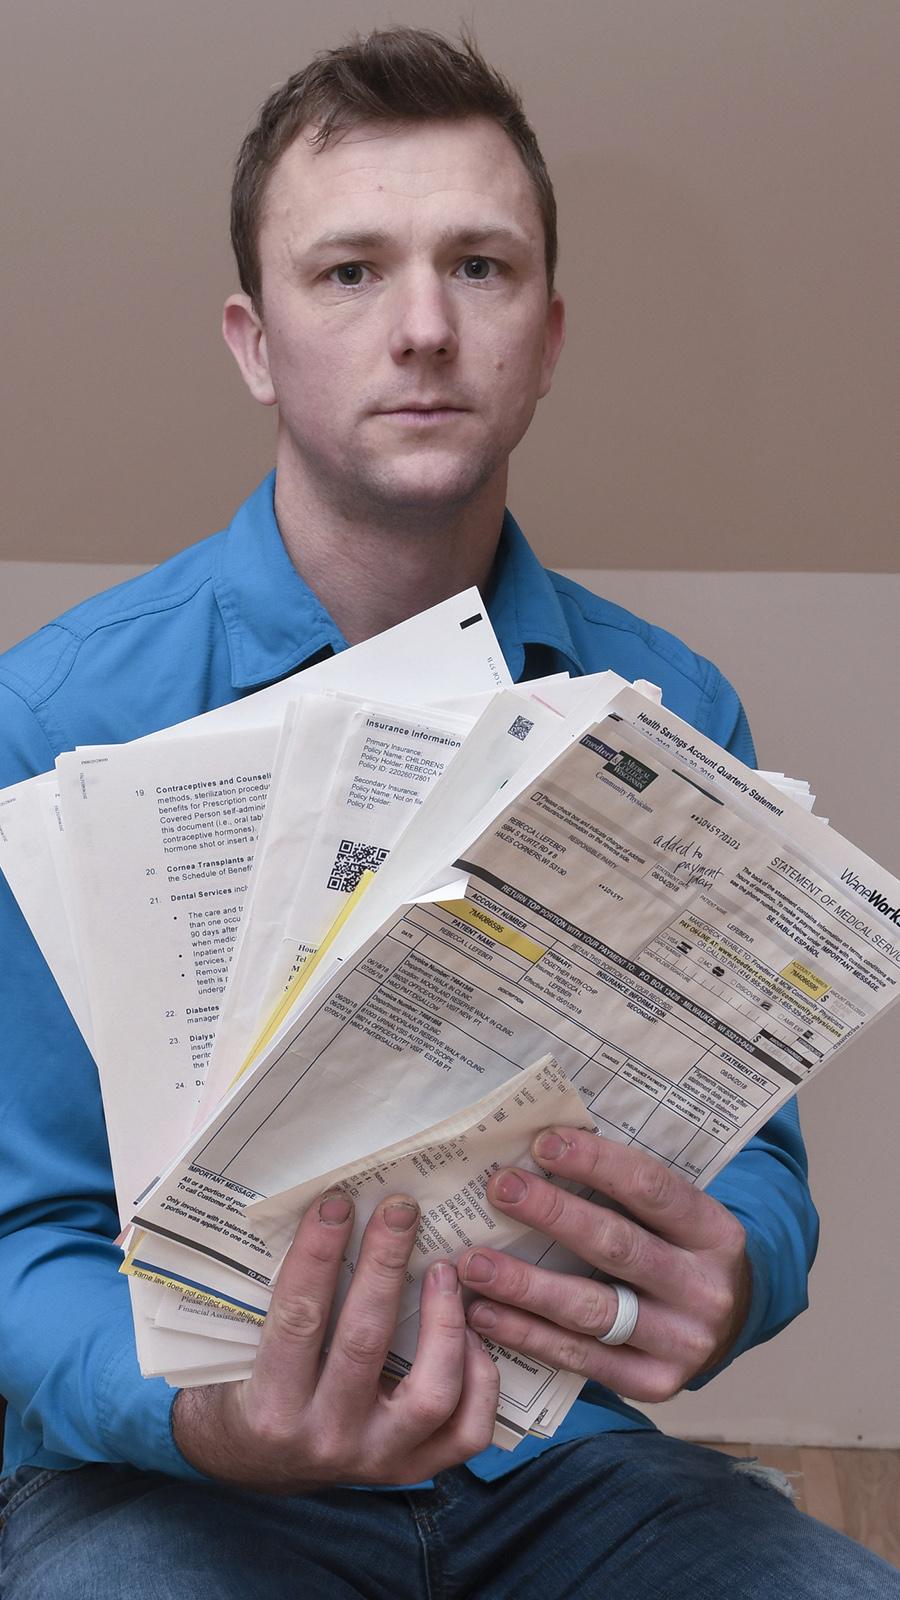 Hands holding multiple medical bills